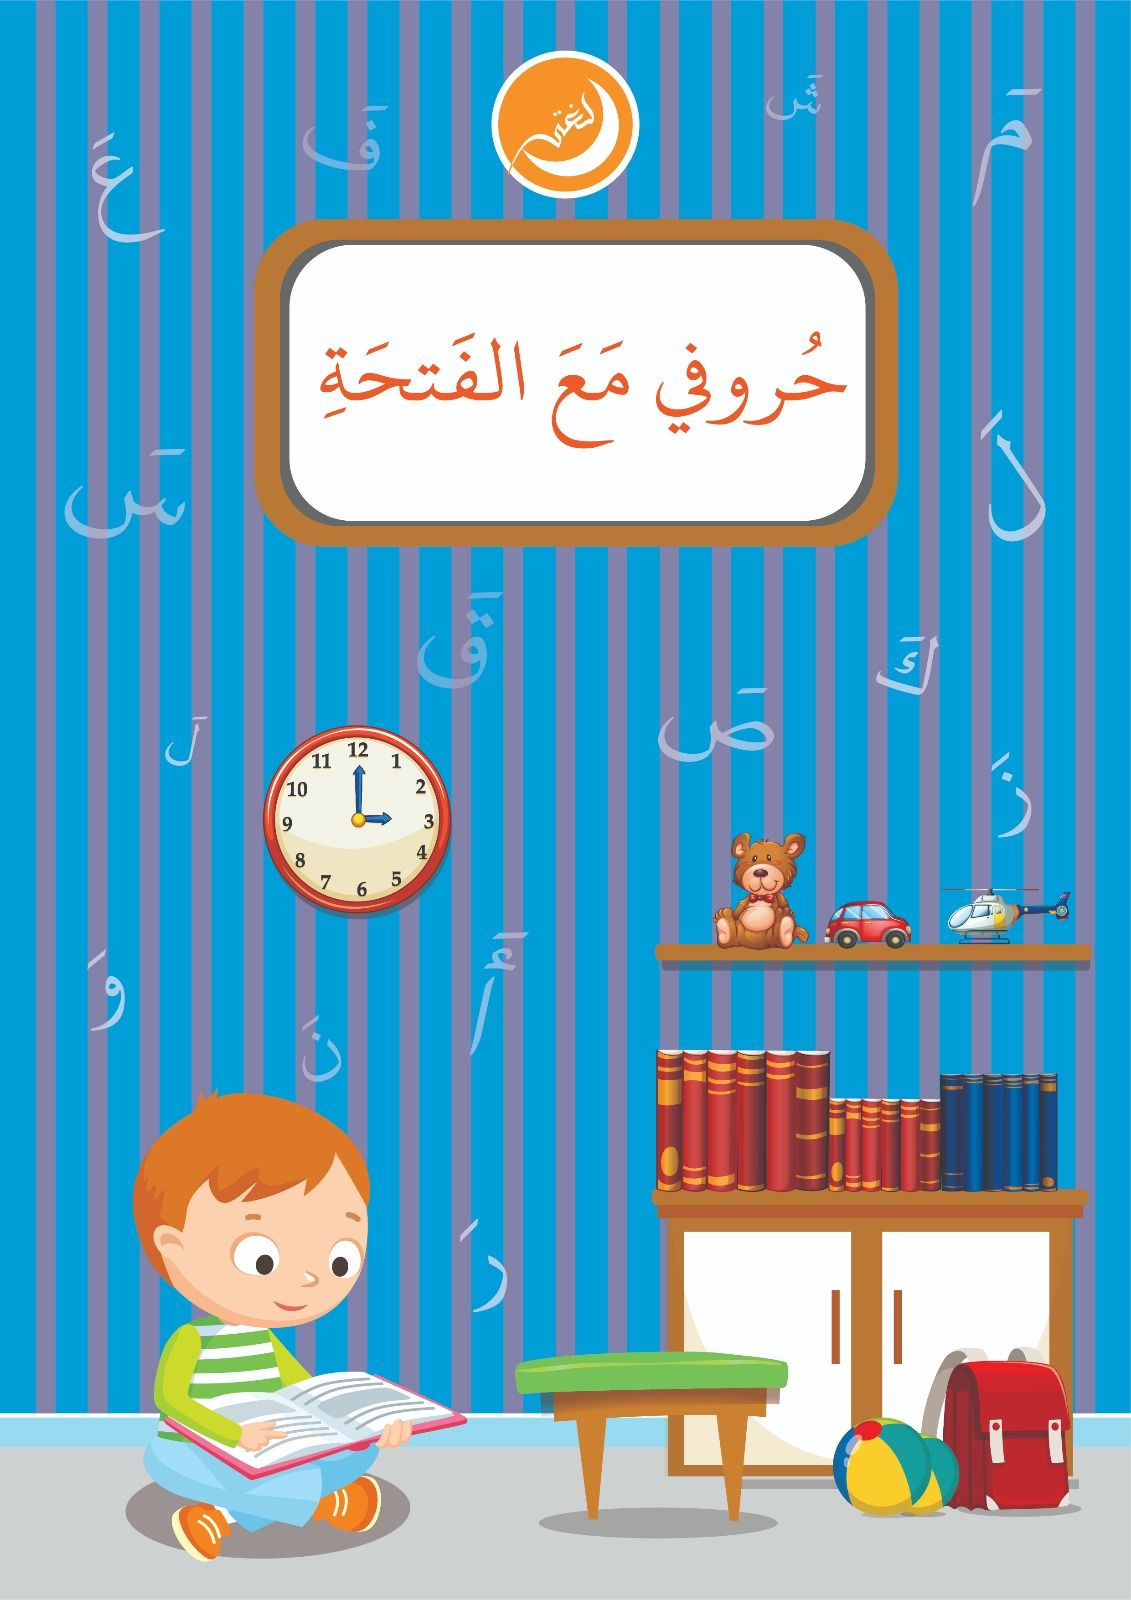 أوراق عمل الأحرف مع الفتحة ملف كامل للتحميل المجاني الآن من لغتي Arabic Alphabet For Kids Arabic Kids Learn Arabic Alphabet